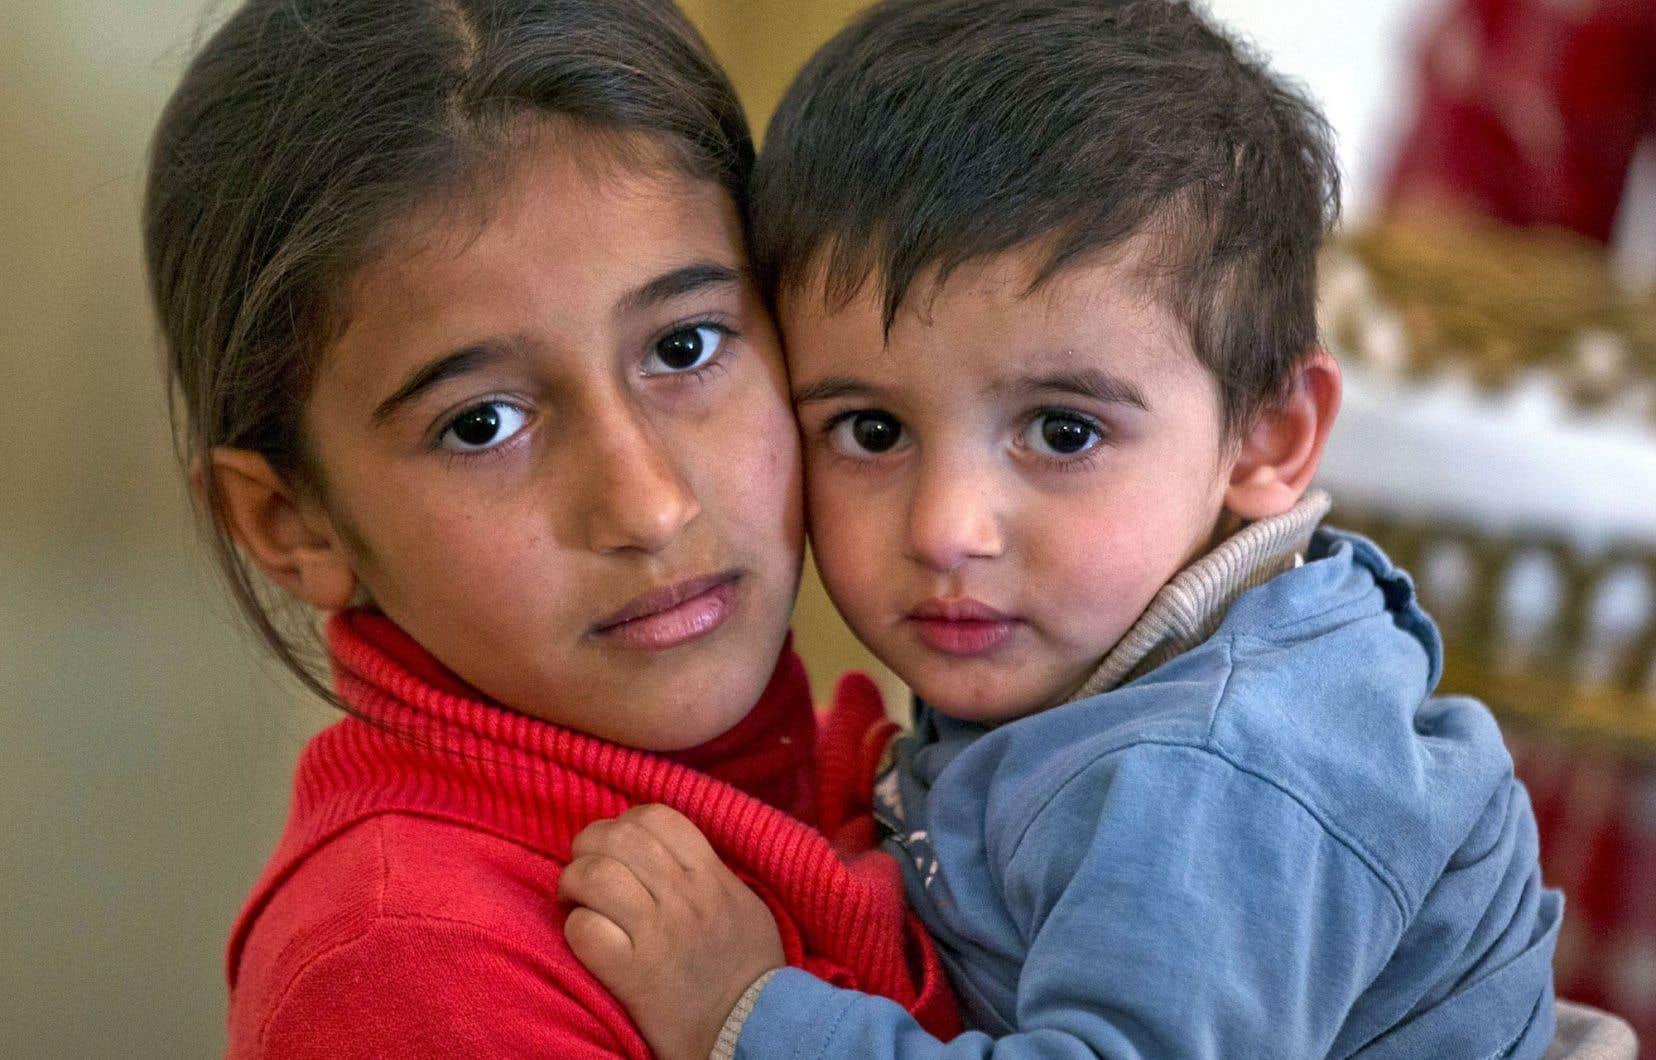 Au Québec, alors que l'on compte 4500 parrainages privés, à peine 900 réfugiés syriens ont été pris en charge par l'État et installés en région.